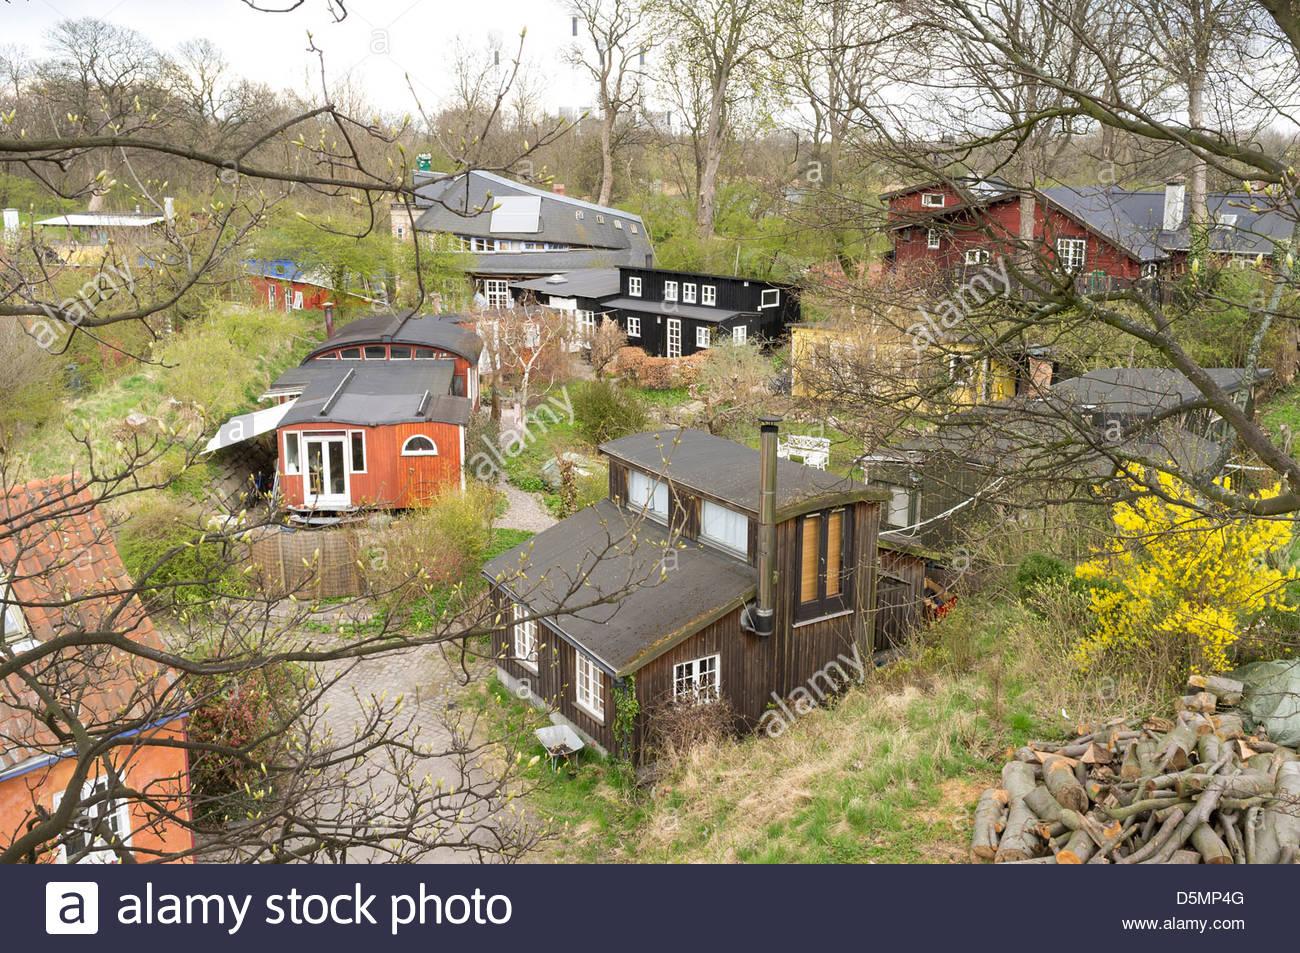 Buildings in Freetown Christiania, Copenhagen, Region Hovedstaden, Denmark - Stock Image